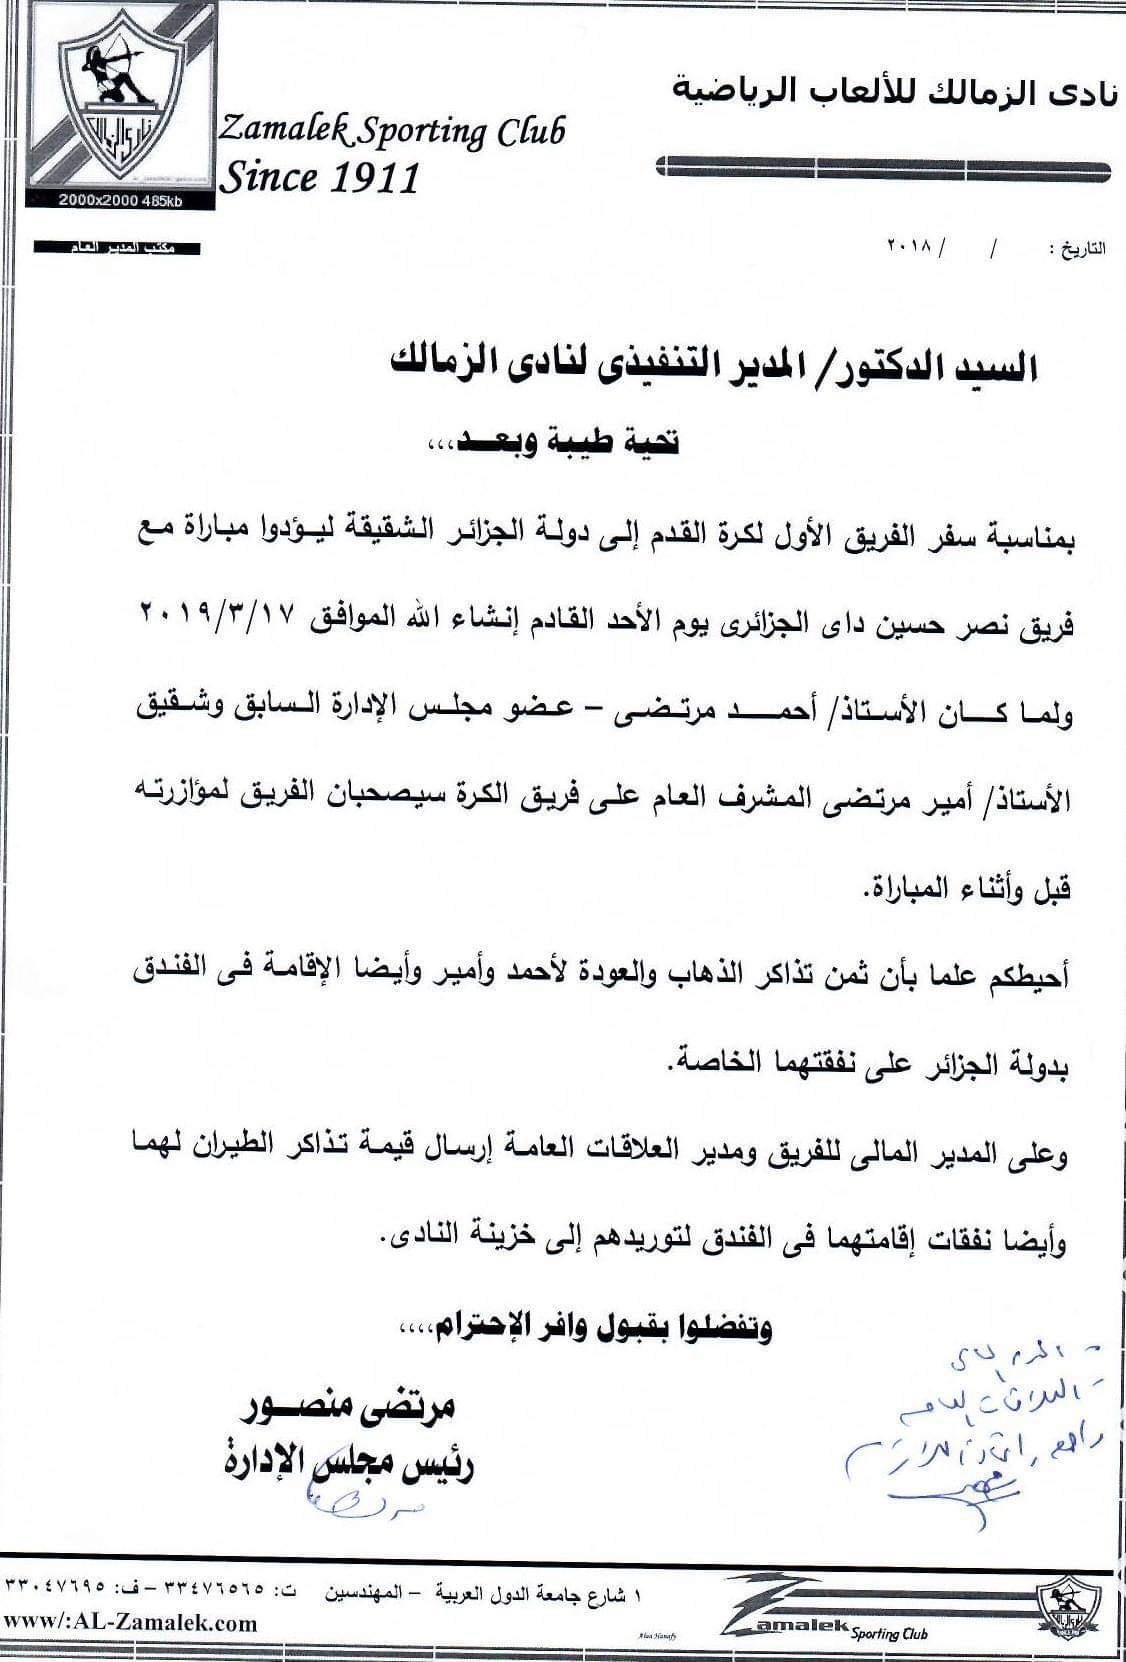 الزمالك في خطاب رسمي سفر أحمد وأمير مرتضى للجزائر على نفقتهما الشخصية بوابة أخبار اليوم الإلكترونية